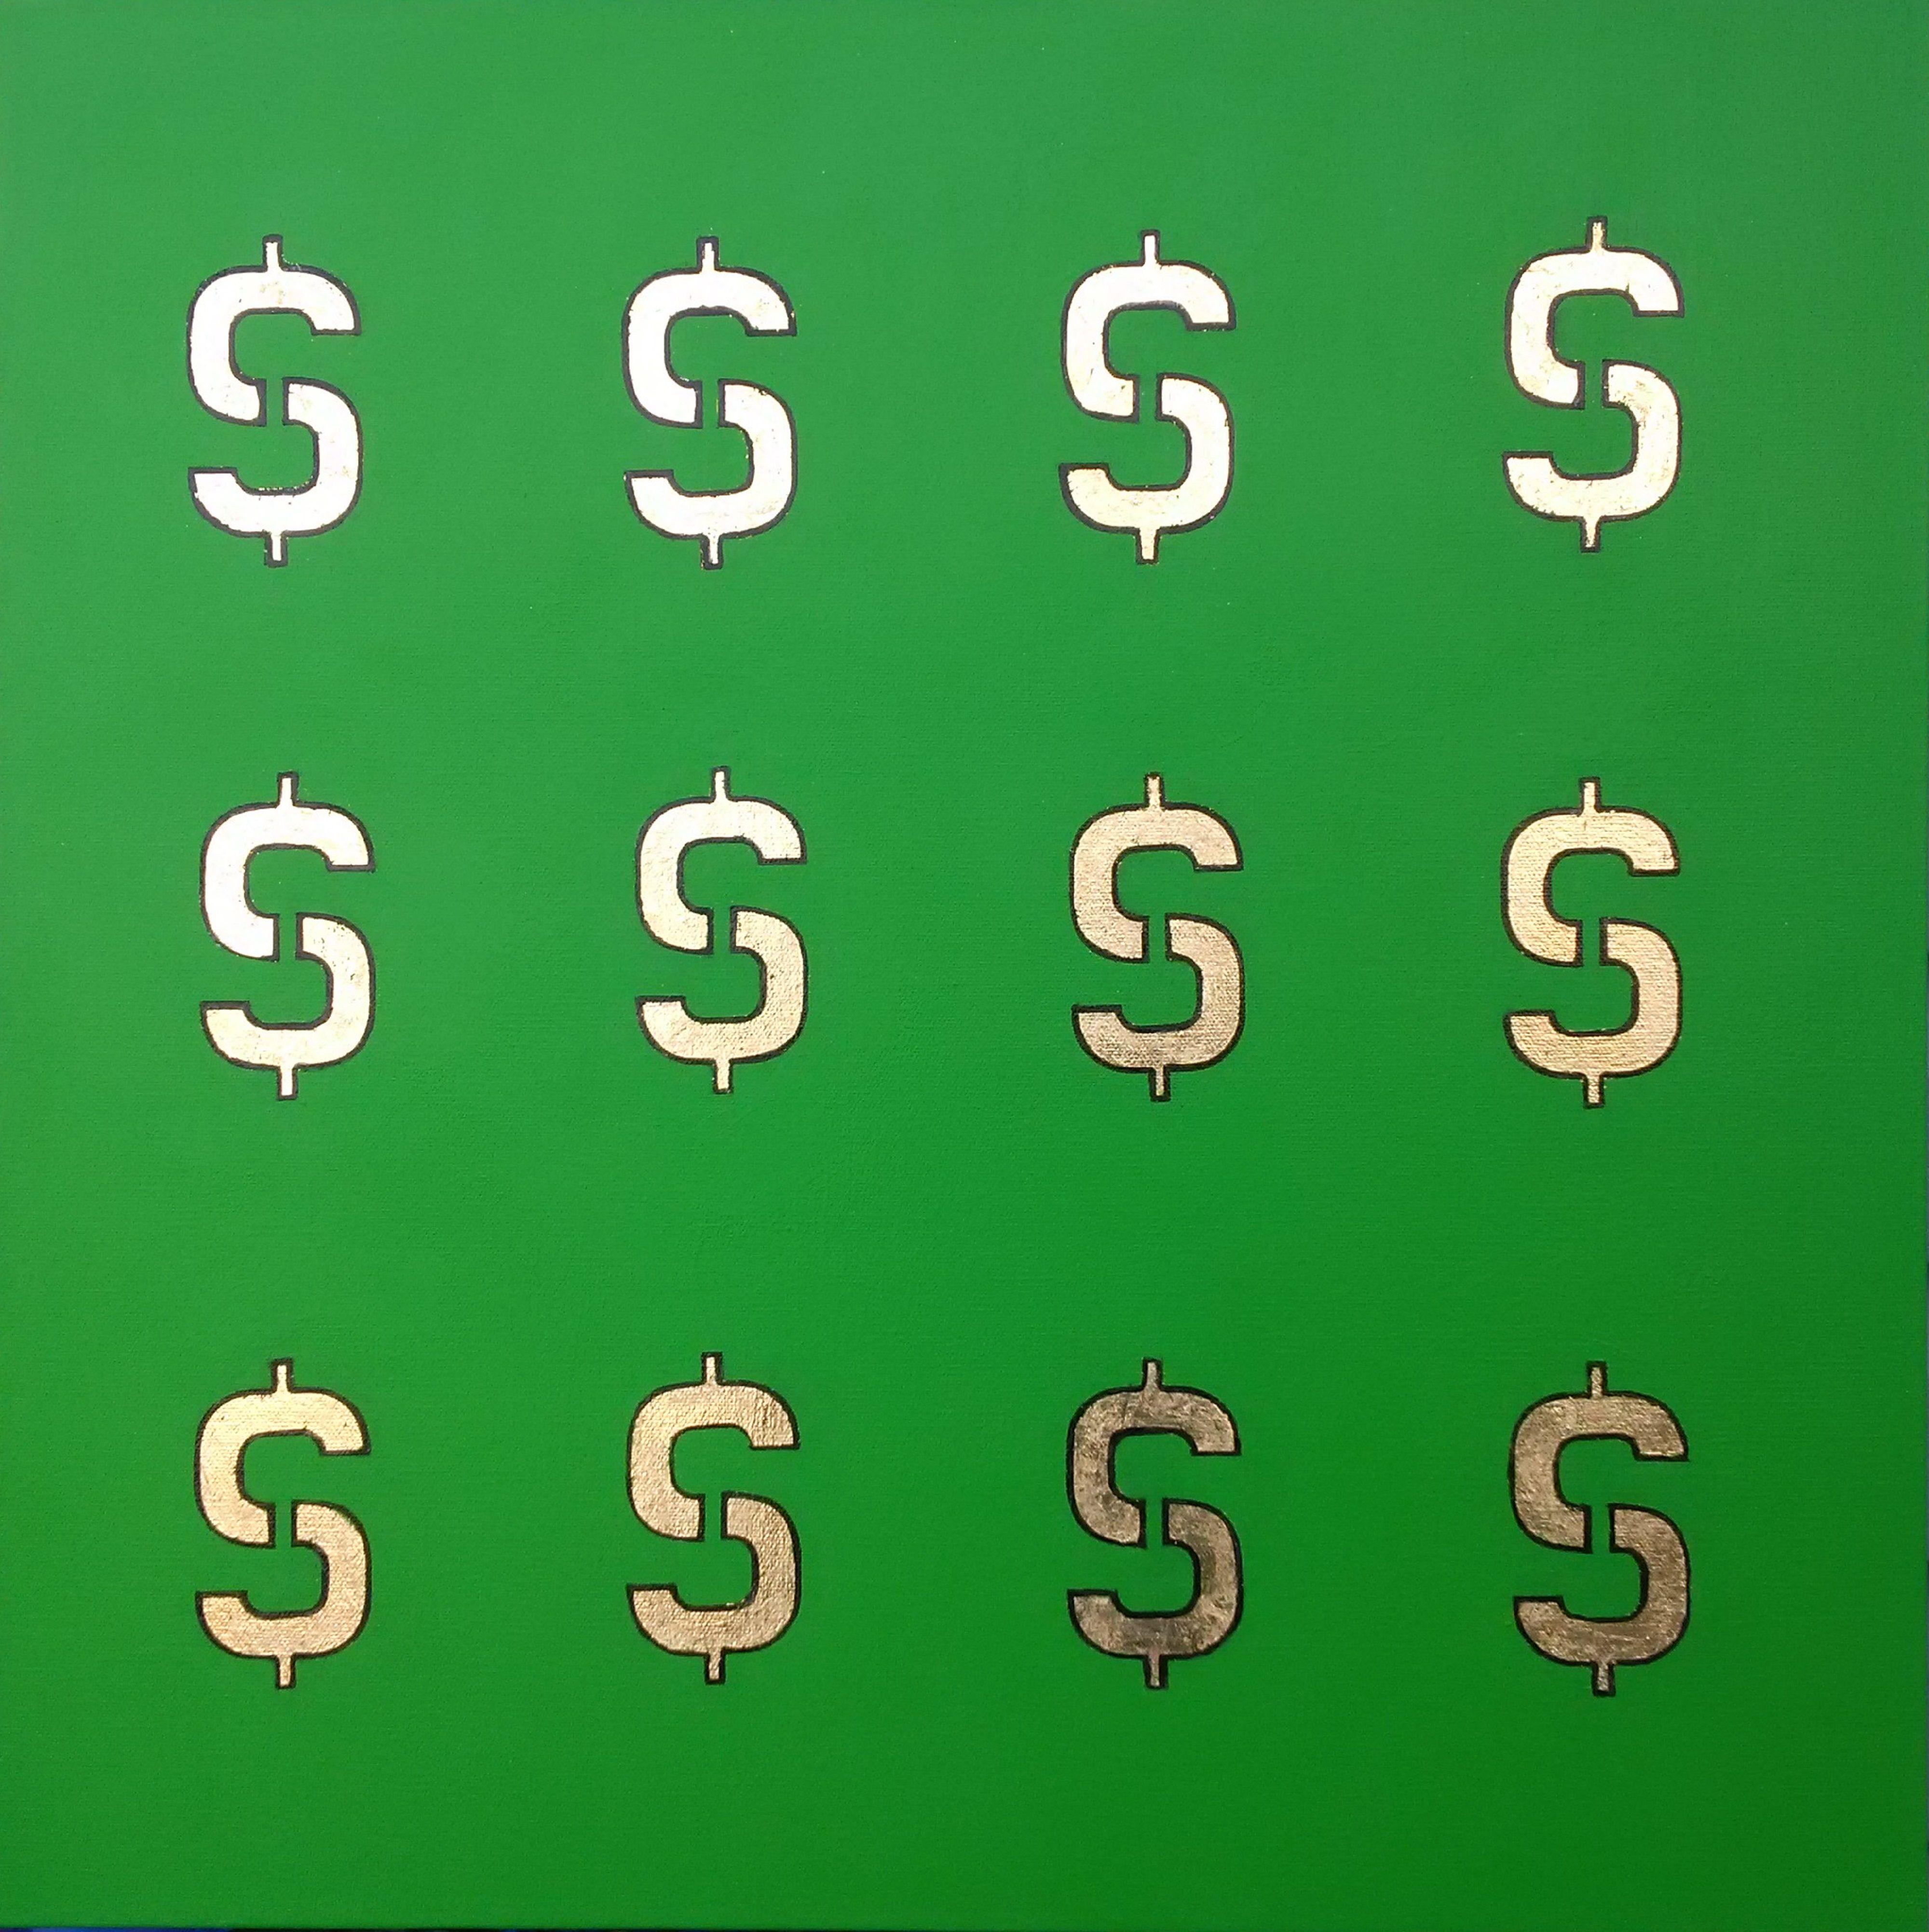 Dr Defiant Art 12 Green Money Version Dr Defiants Pop Art